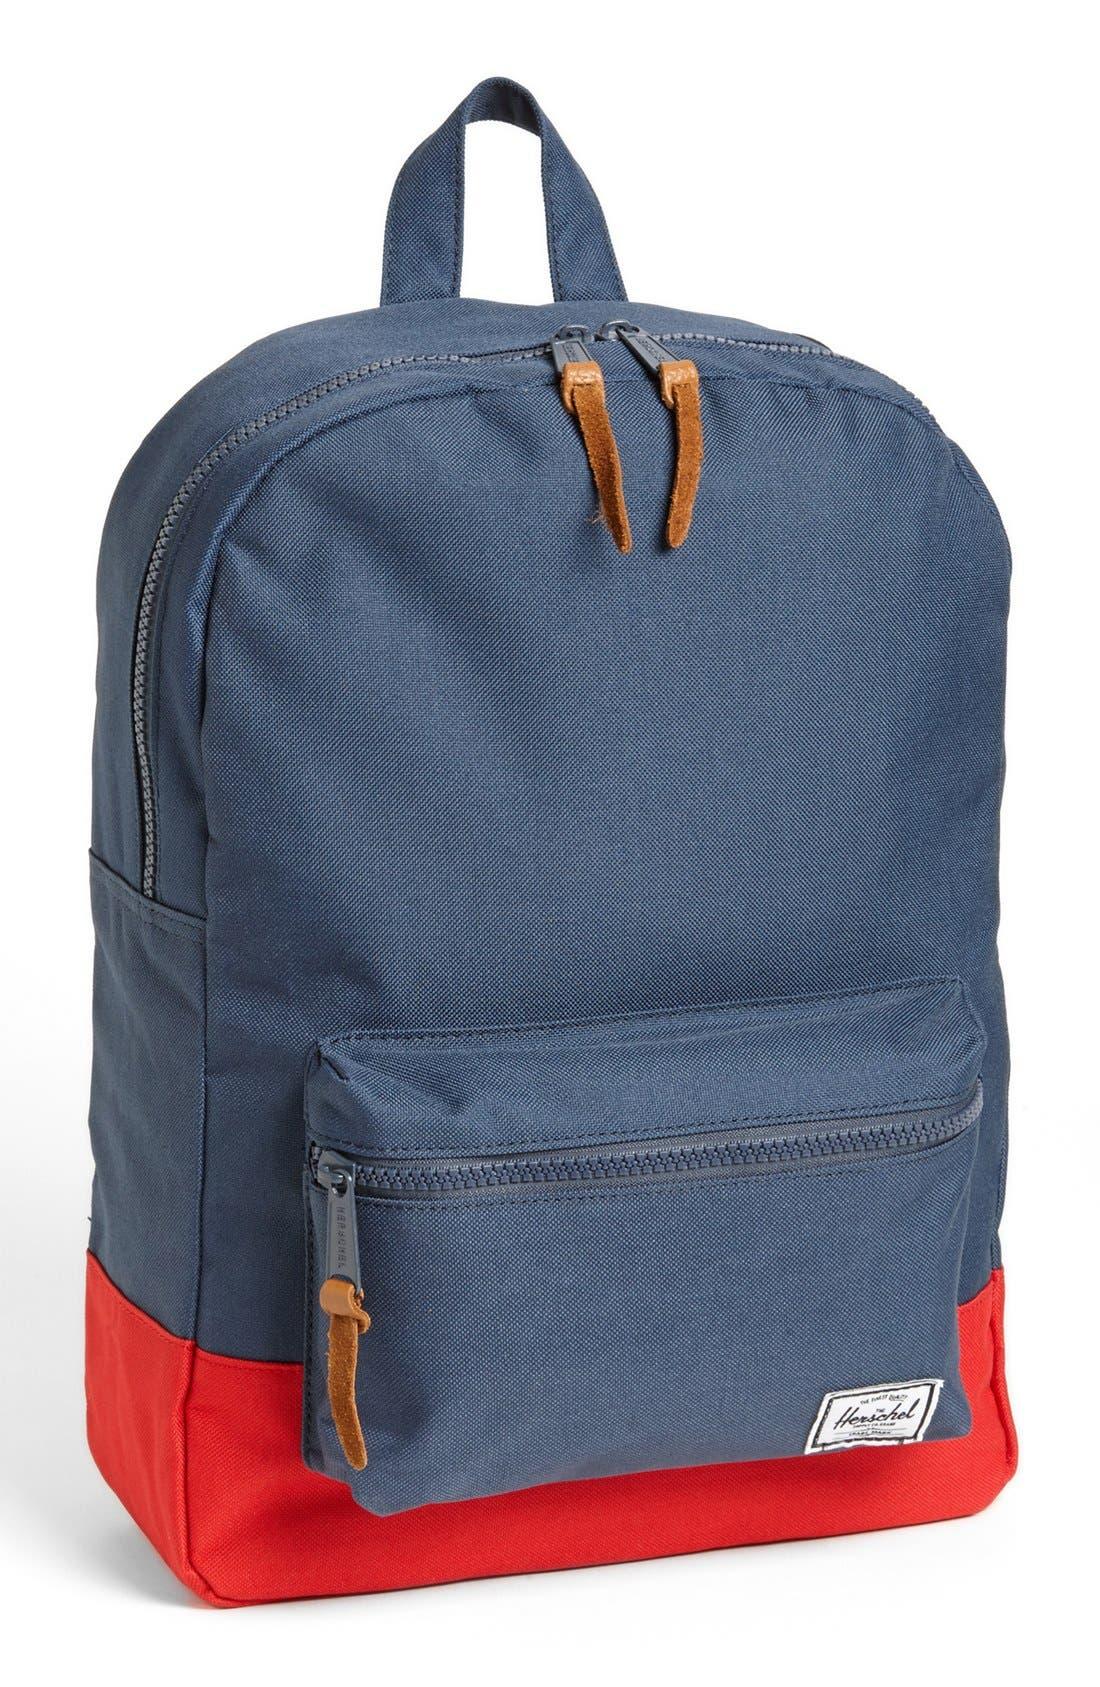 Alternate Image 1 Selected - Herschel Supply Co. 'Settlement' Backpack (Big Kid)